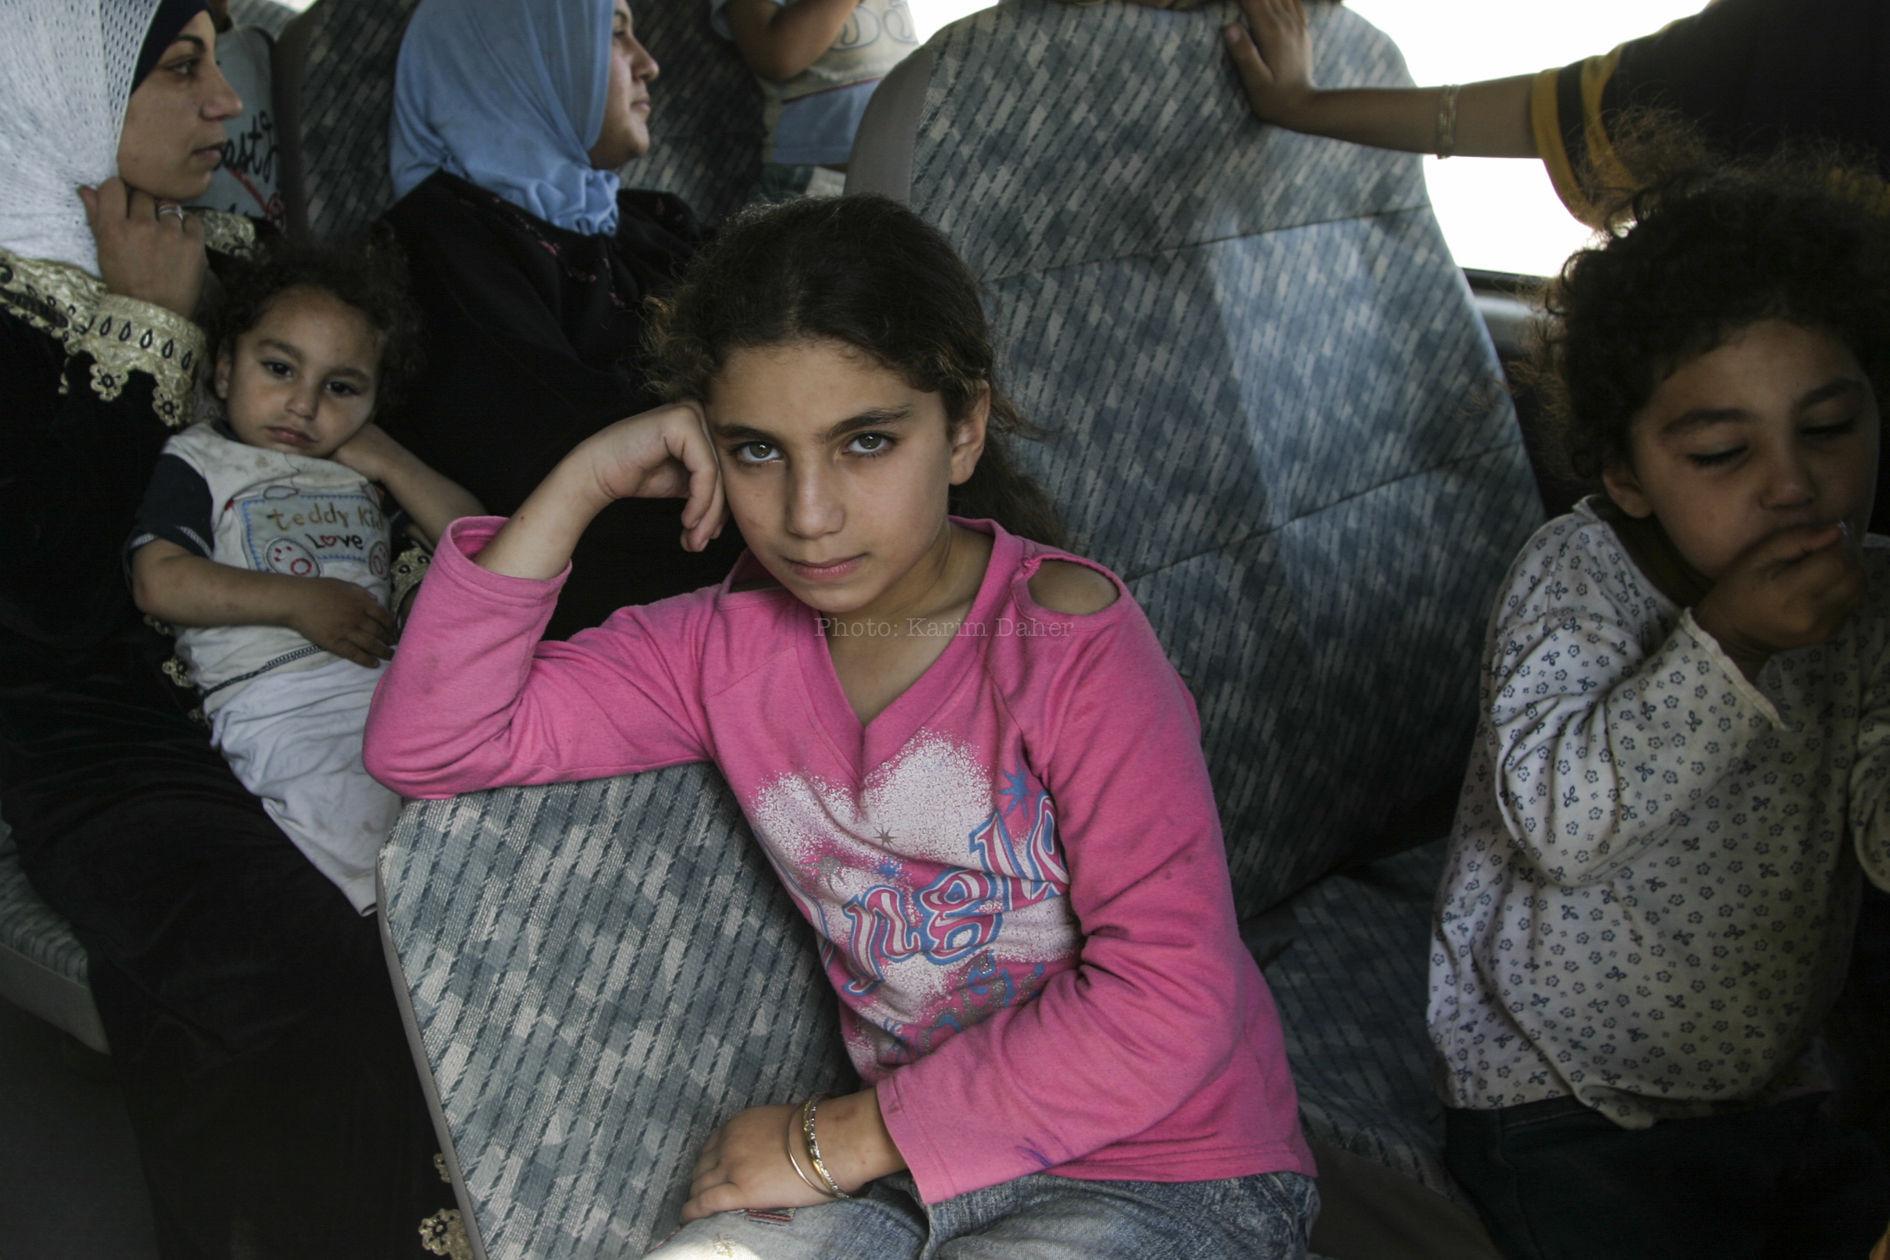 Liban, 2007. Siège du camp palestinien de Nahr el Bared. Une enfant qui vient de quitter le camp avec sa mère et certains de ses proches.